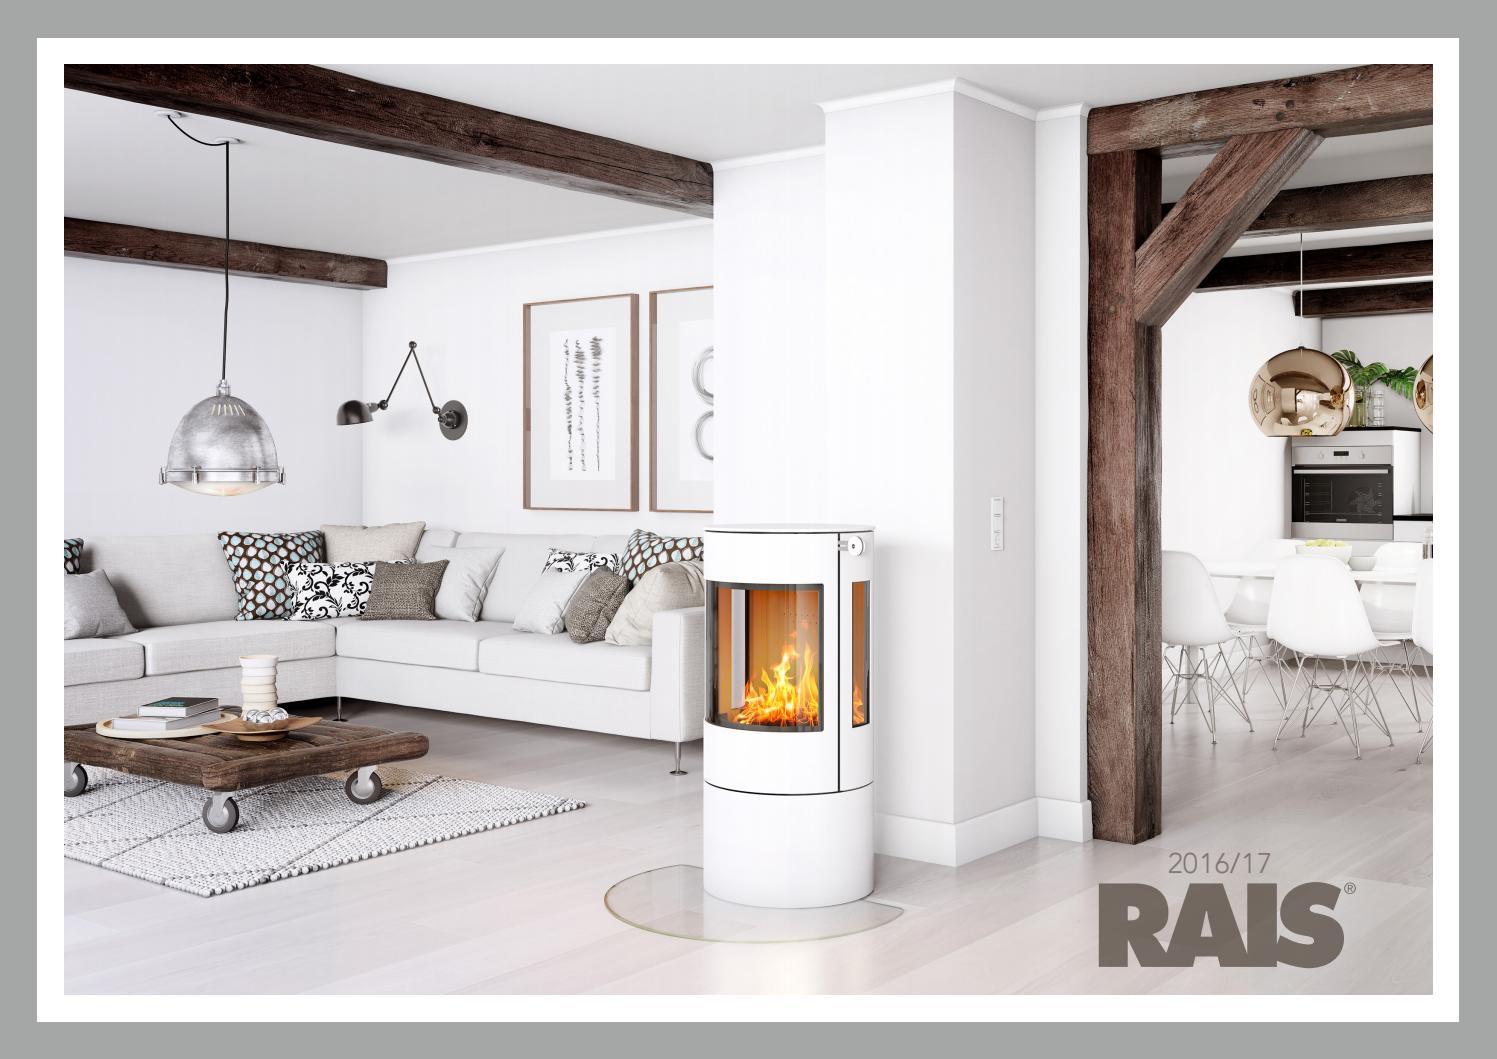 582cc6c9e RAIS Katalog 2017 NO by Rais A/S - issuu